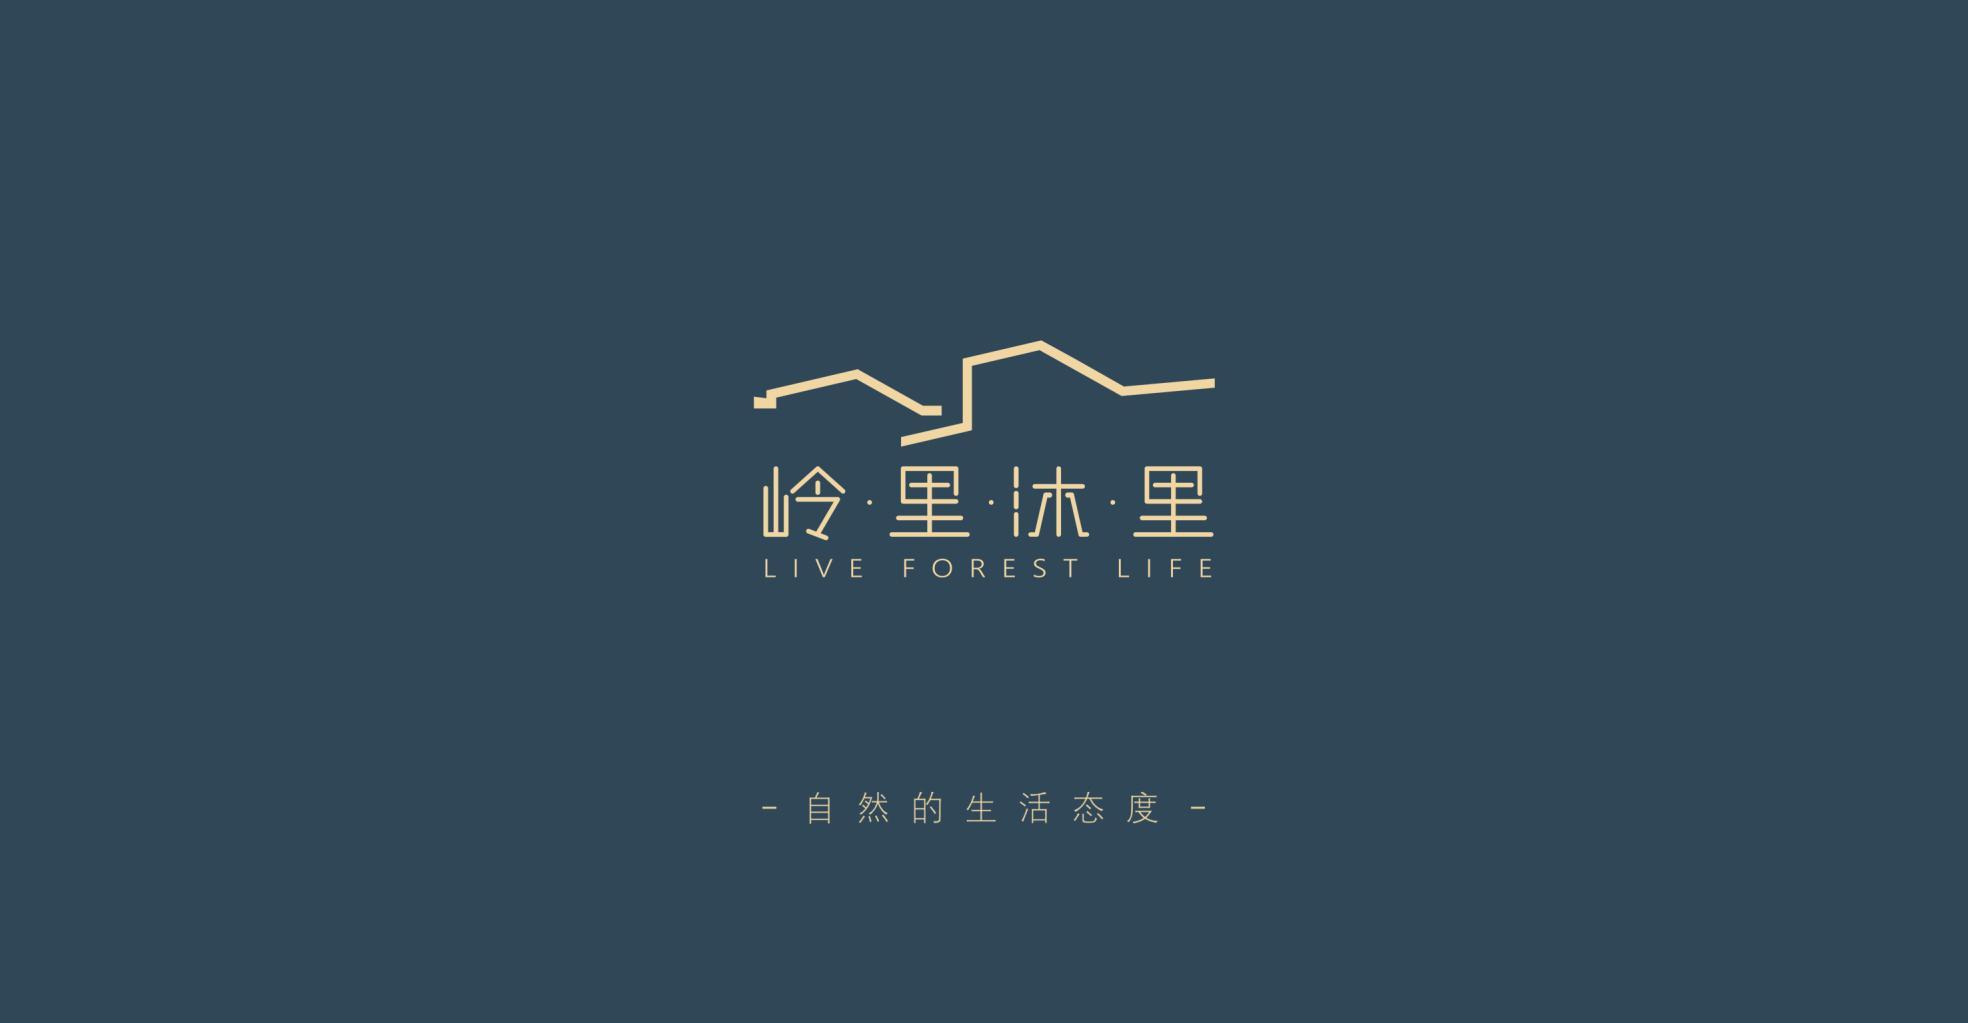 岭里沐里 (1).jpg